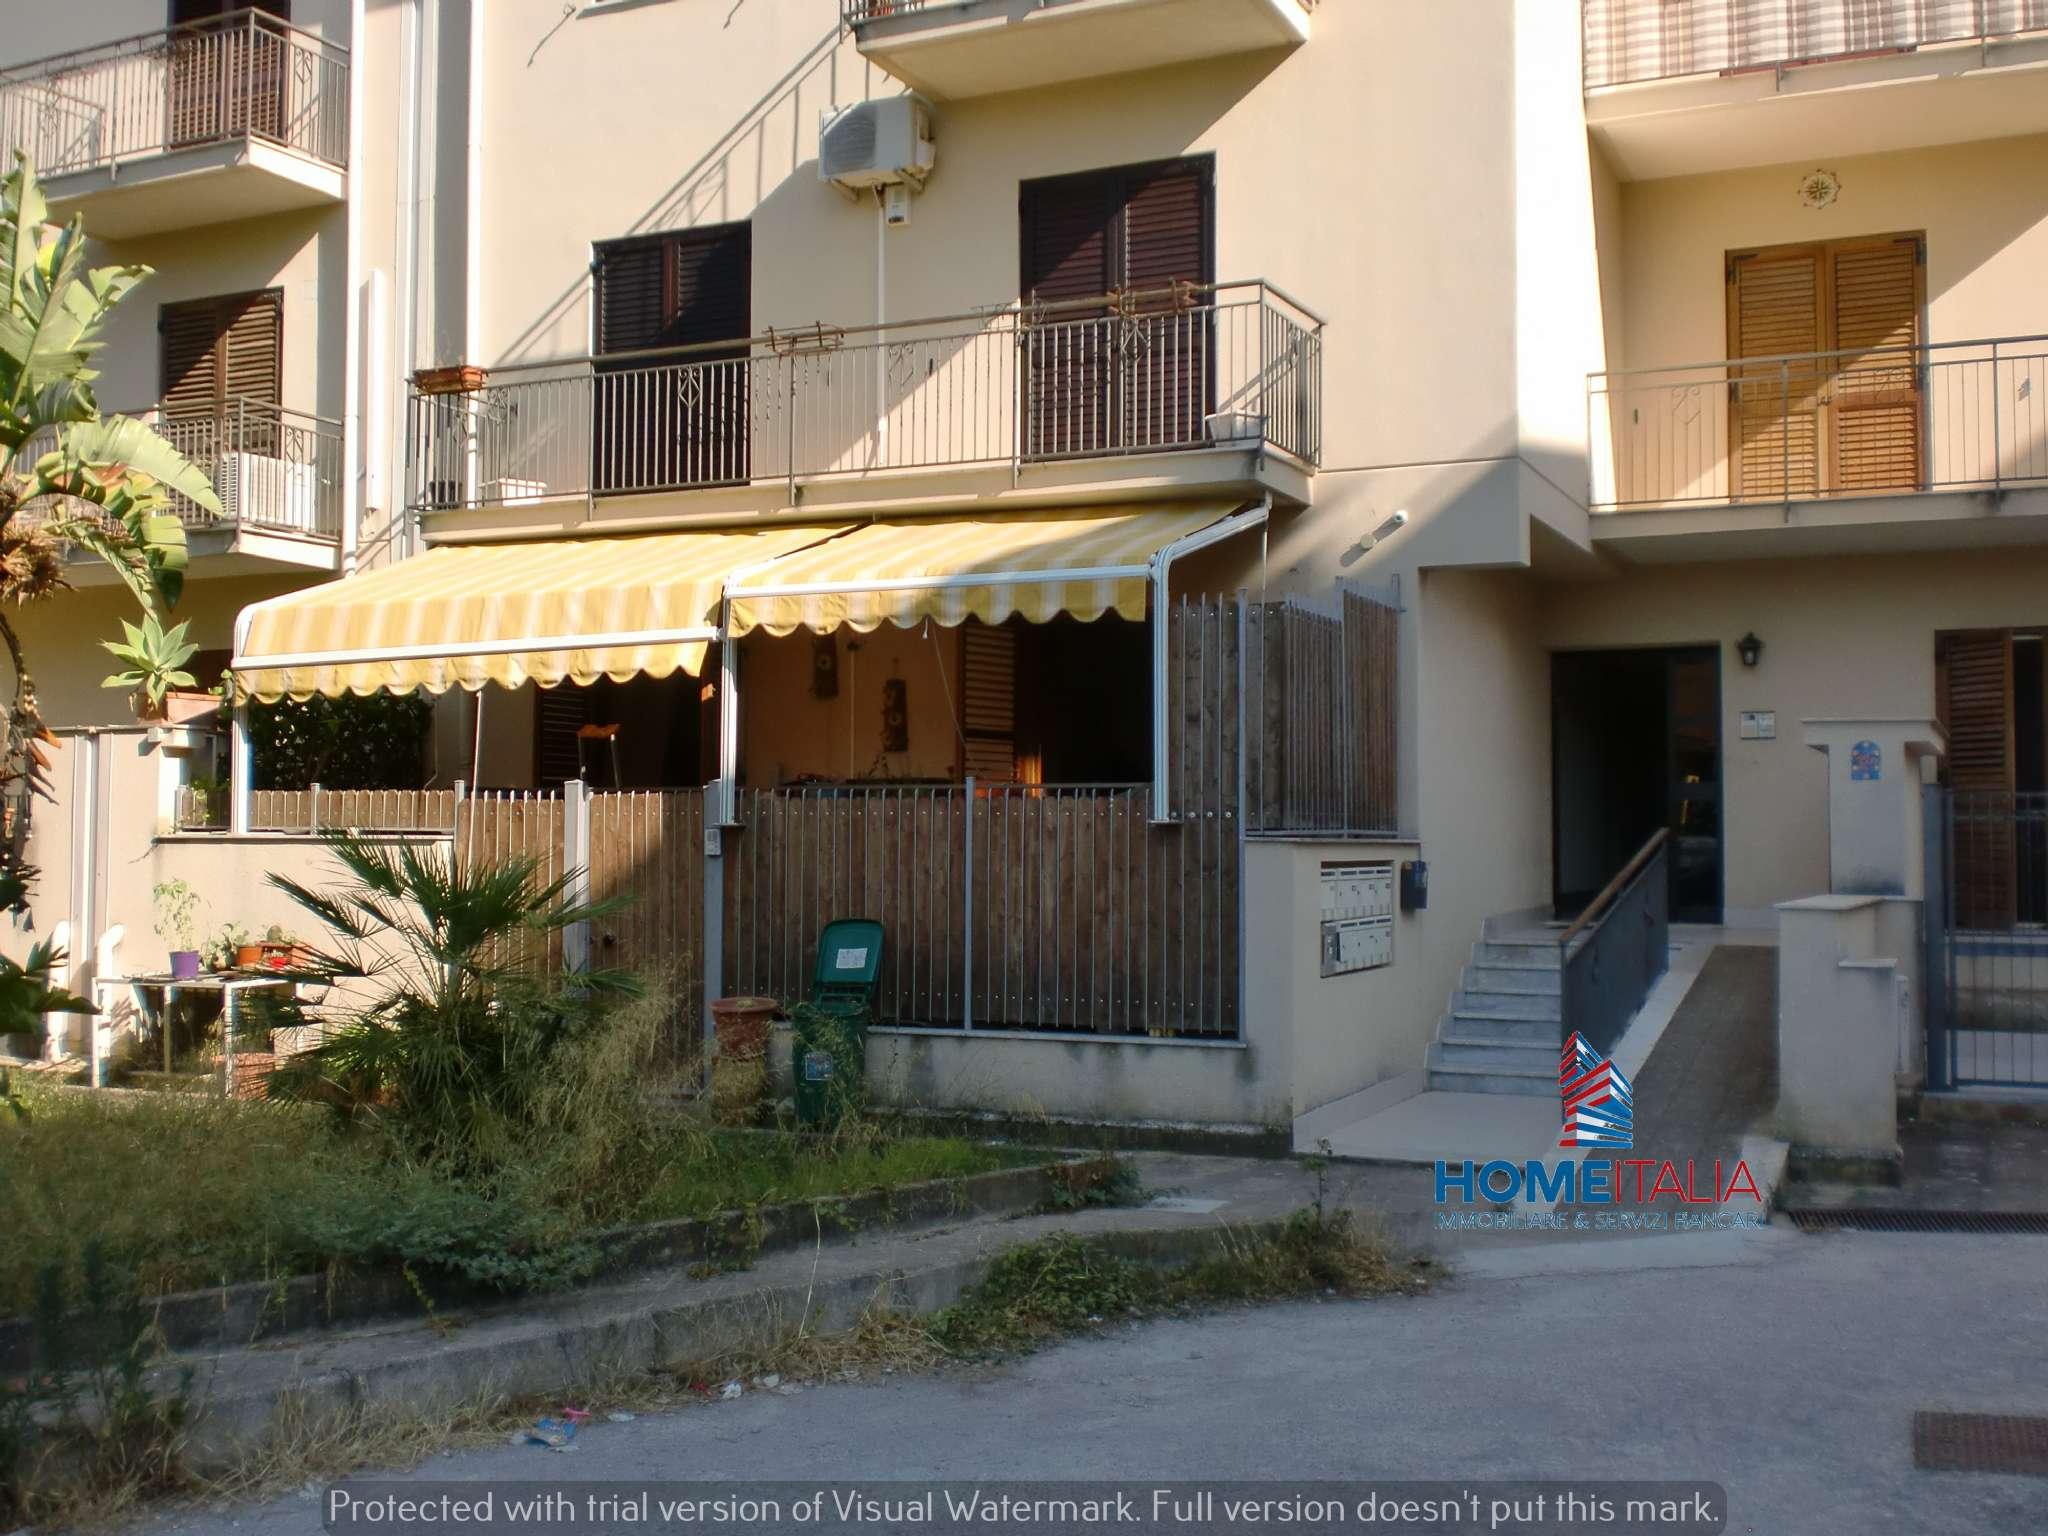 Appartamento in vendita a Santa Flavia, 5 locali, prezzo € 165.000 | PortaleAgenzieImmobiliari.it